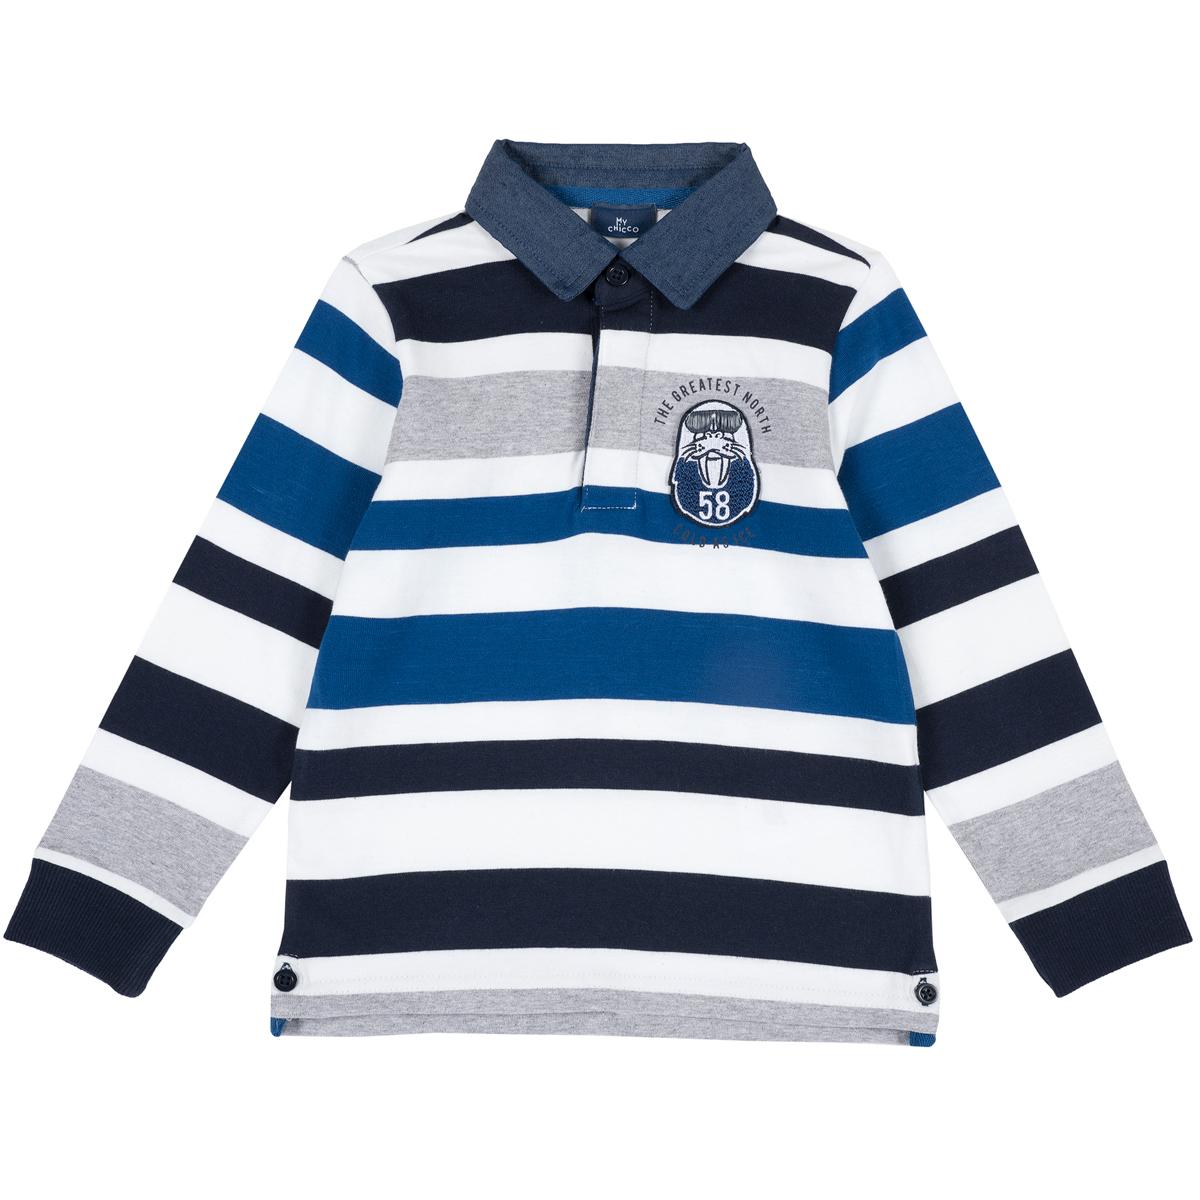 Tricou polo copii Chicco, maneca lunga, dungi albastre, 33520 din categoria Tricouri copii